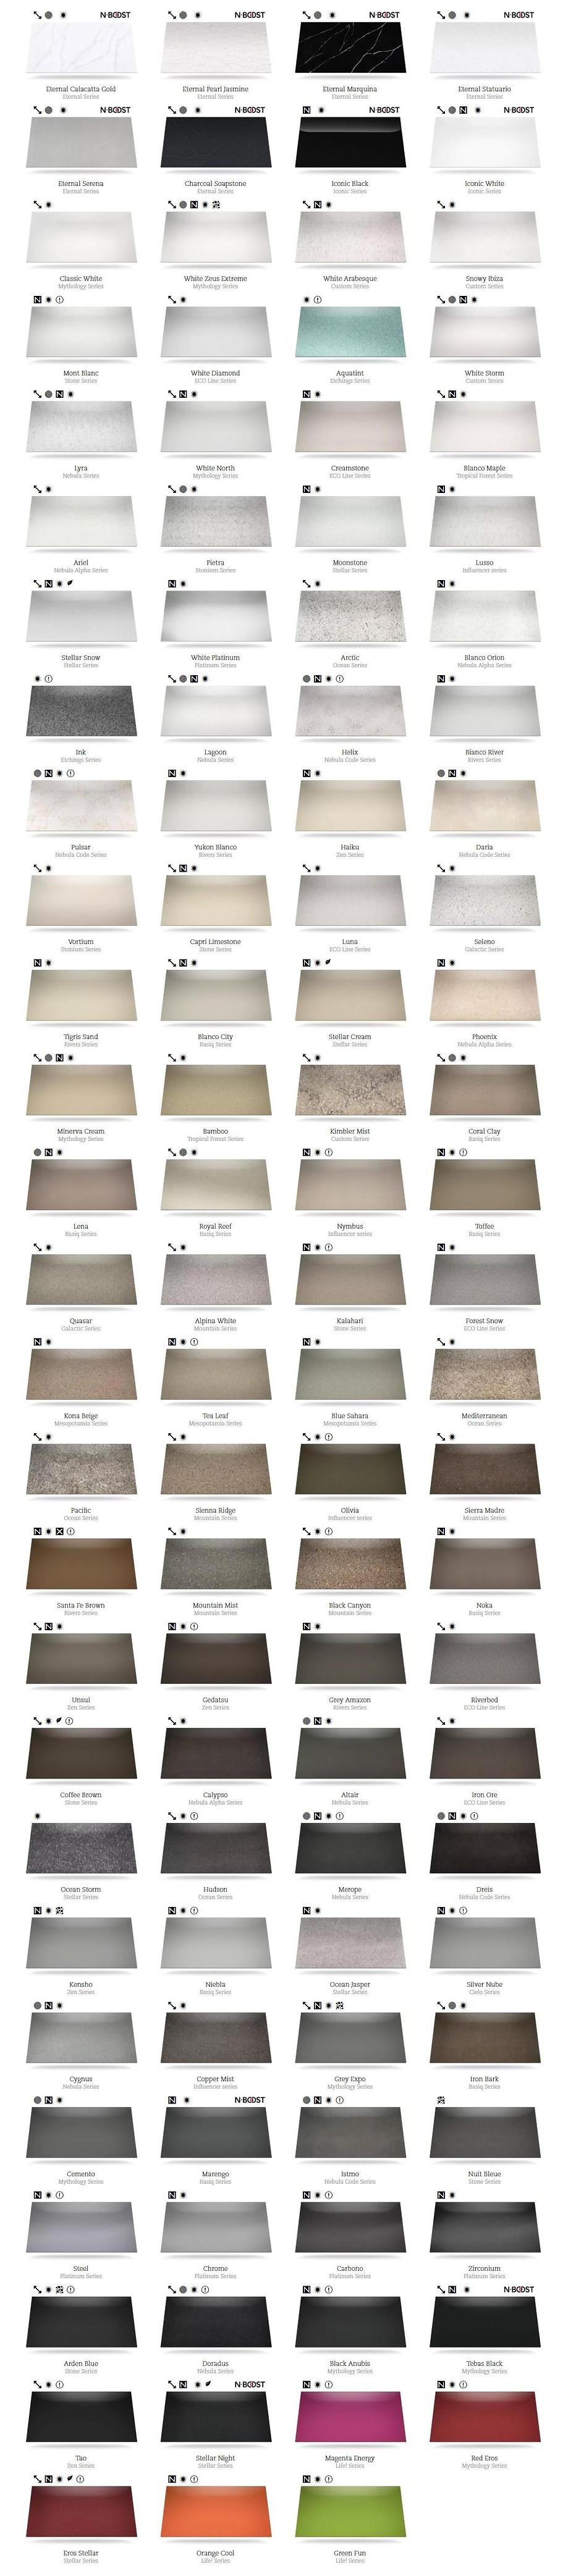 Silestone-colour-catalogue-for-quartz-su